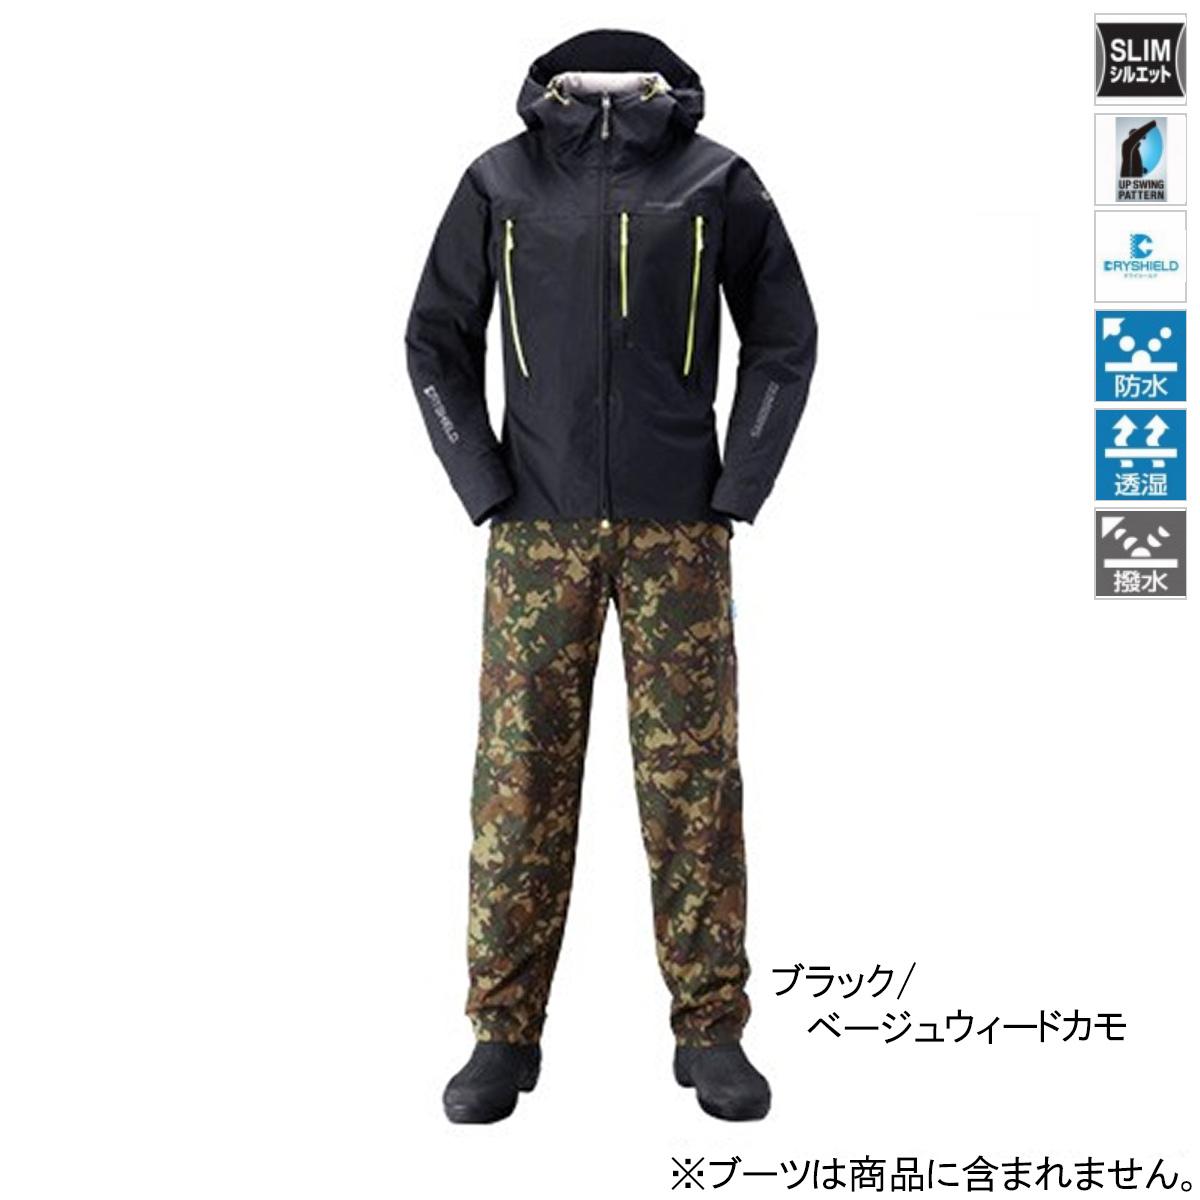 シマノ DSエクスプローラースーツ RA-024S M ブラック/ベージュウィードカモ